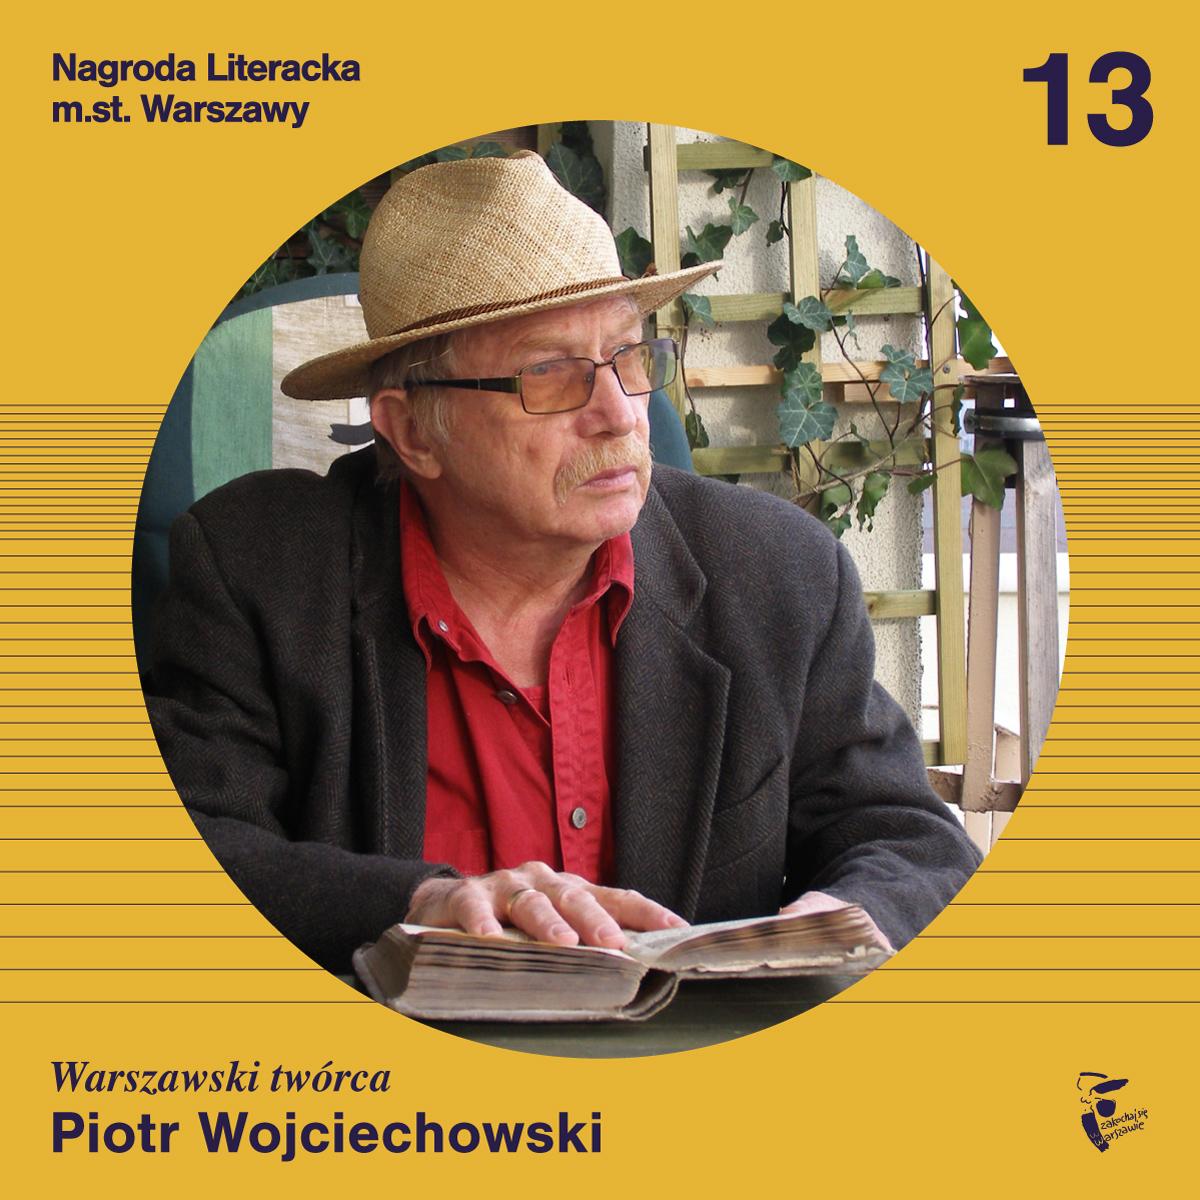 Laureat Nagrody Literackiej m.st. Warszawy Piotr Wojciechowski